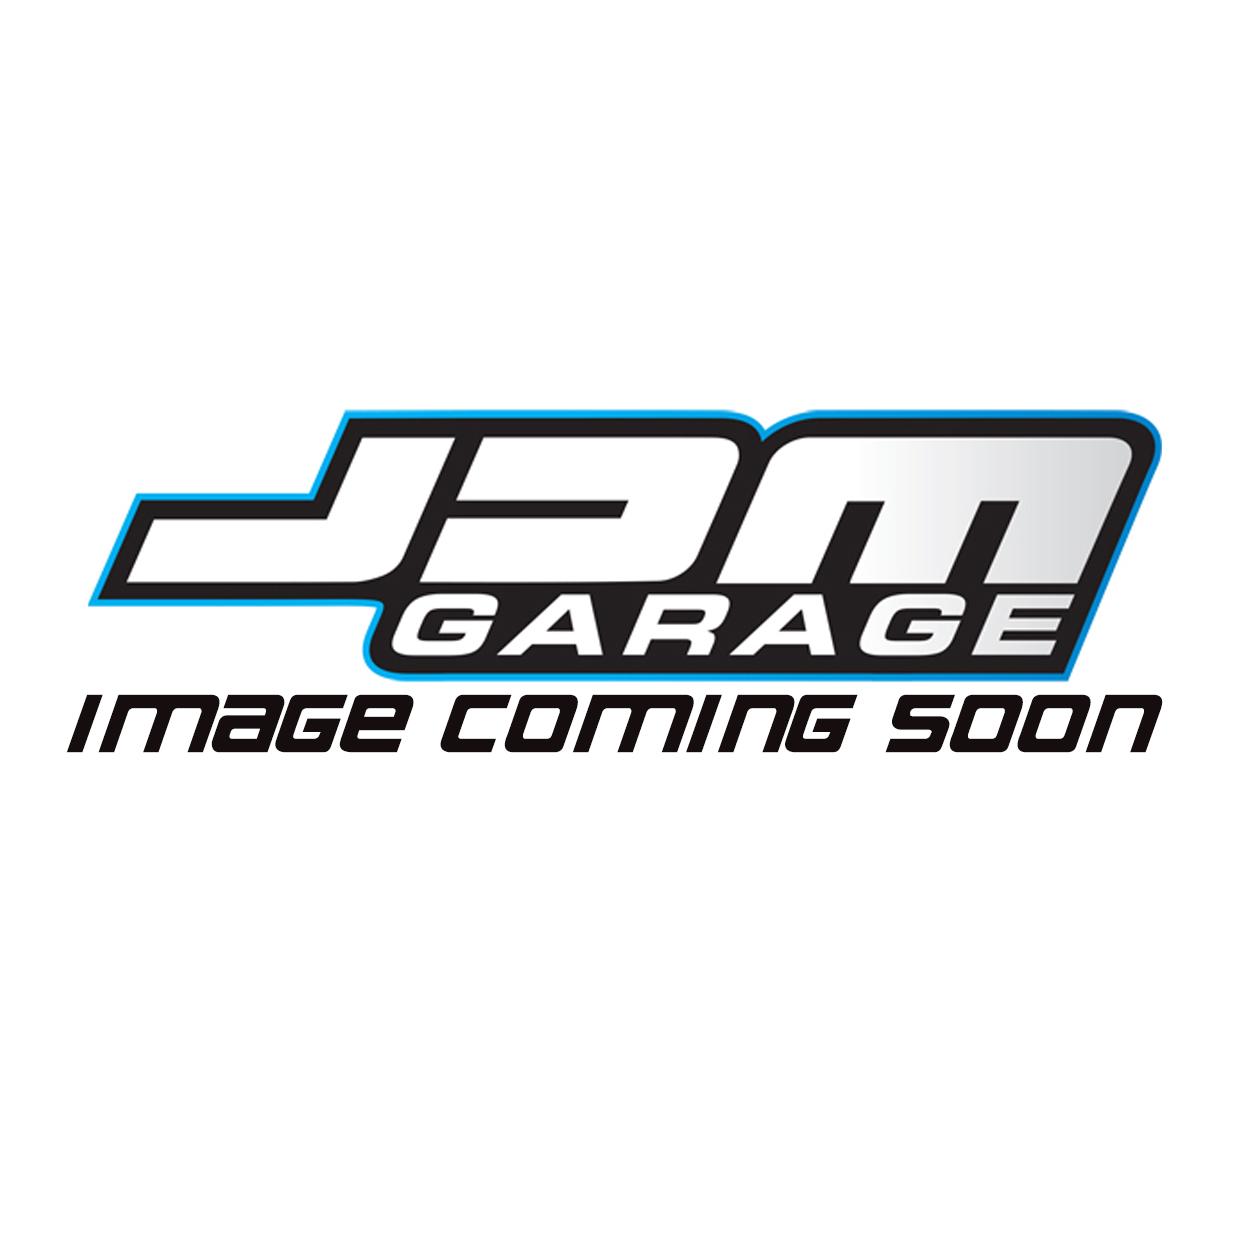 Genuine Nissan Headgasket for Silvia S14 S15 SR20DET